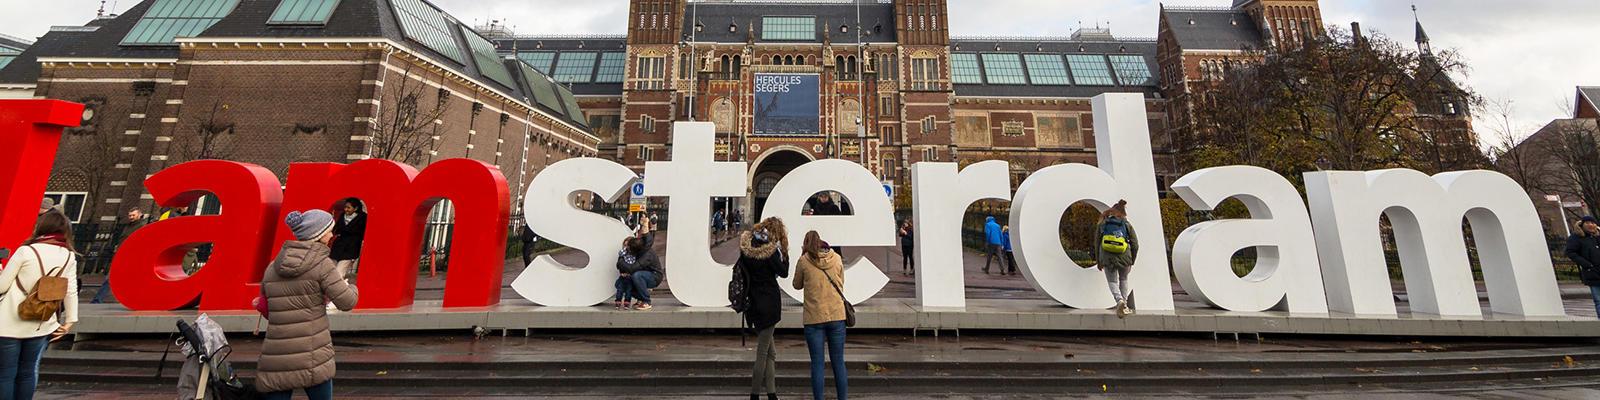 tour-to-amsterdam